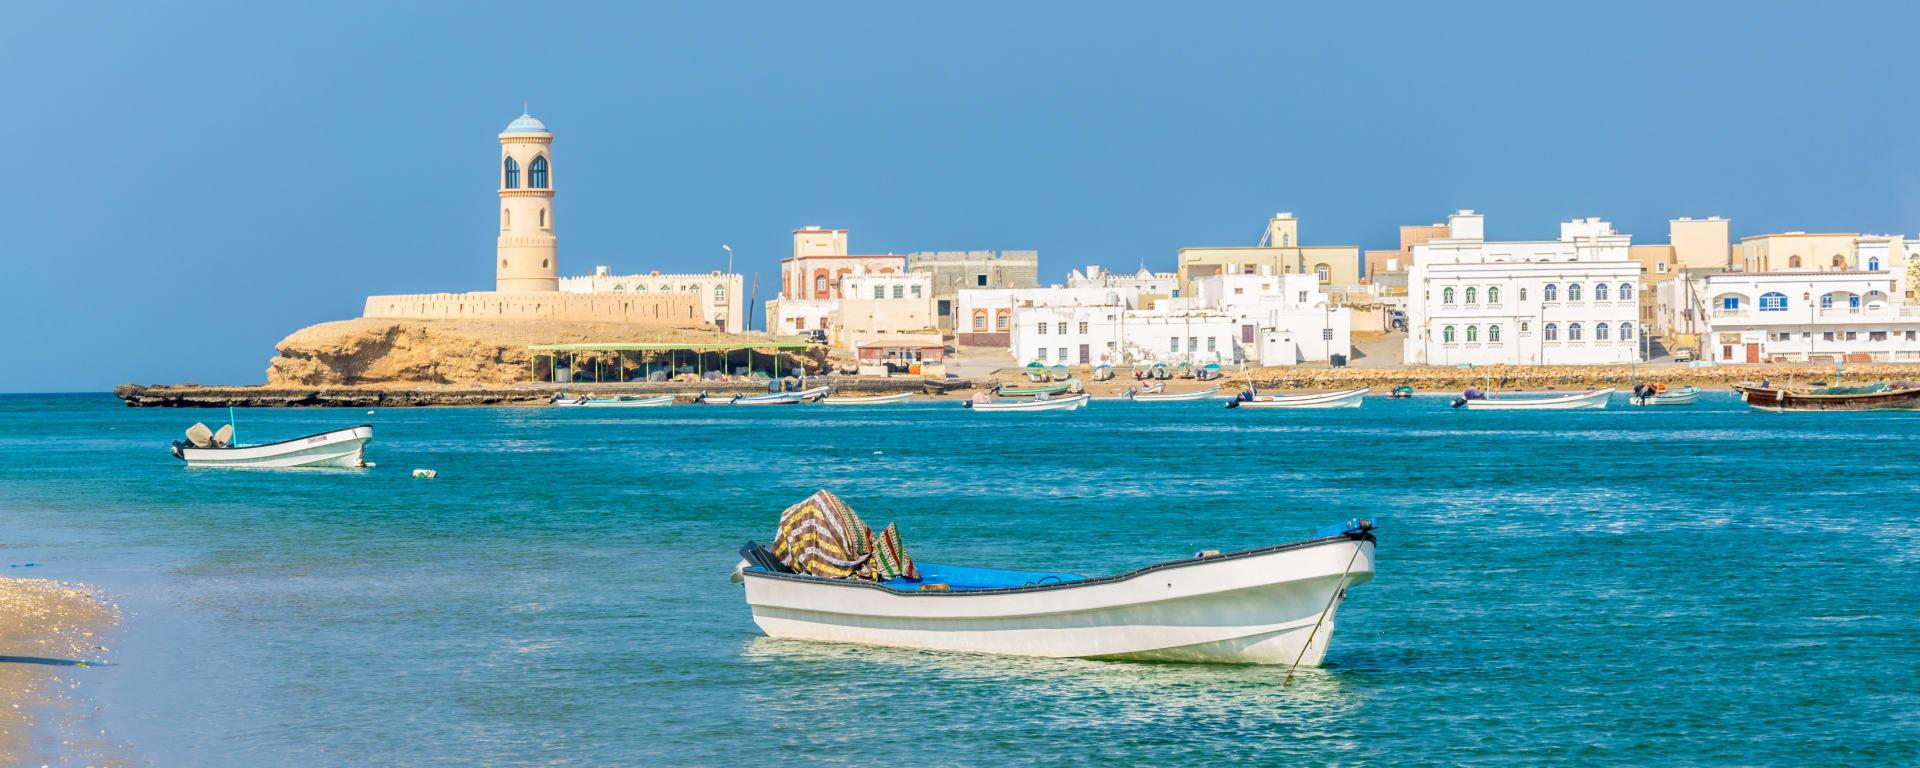 Oman entdecken mit Tischler Reisen: Oman Sur